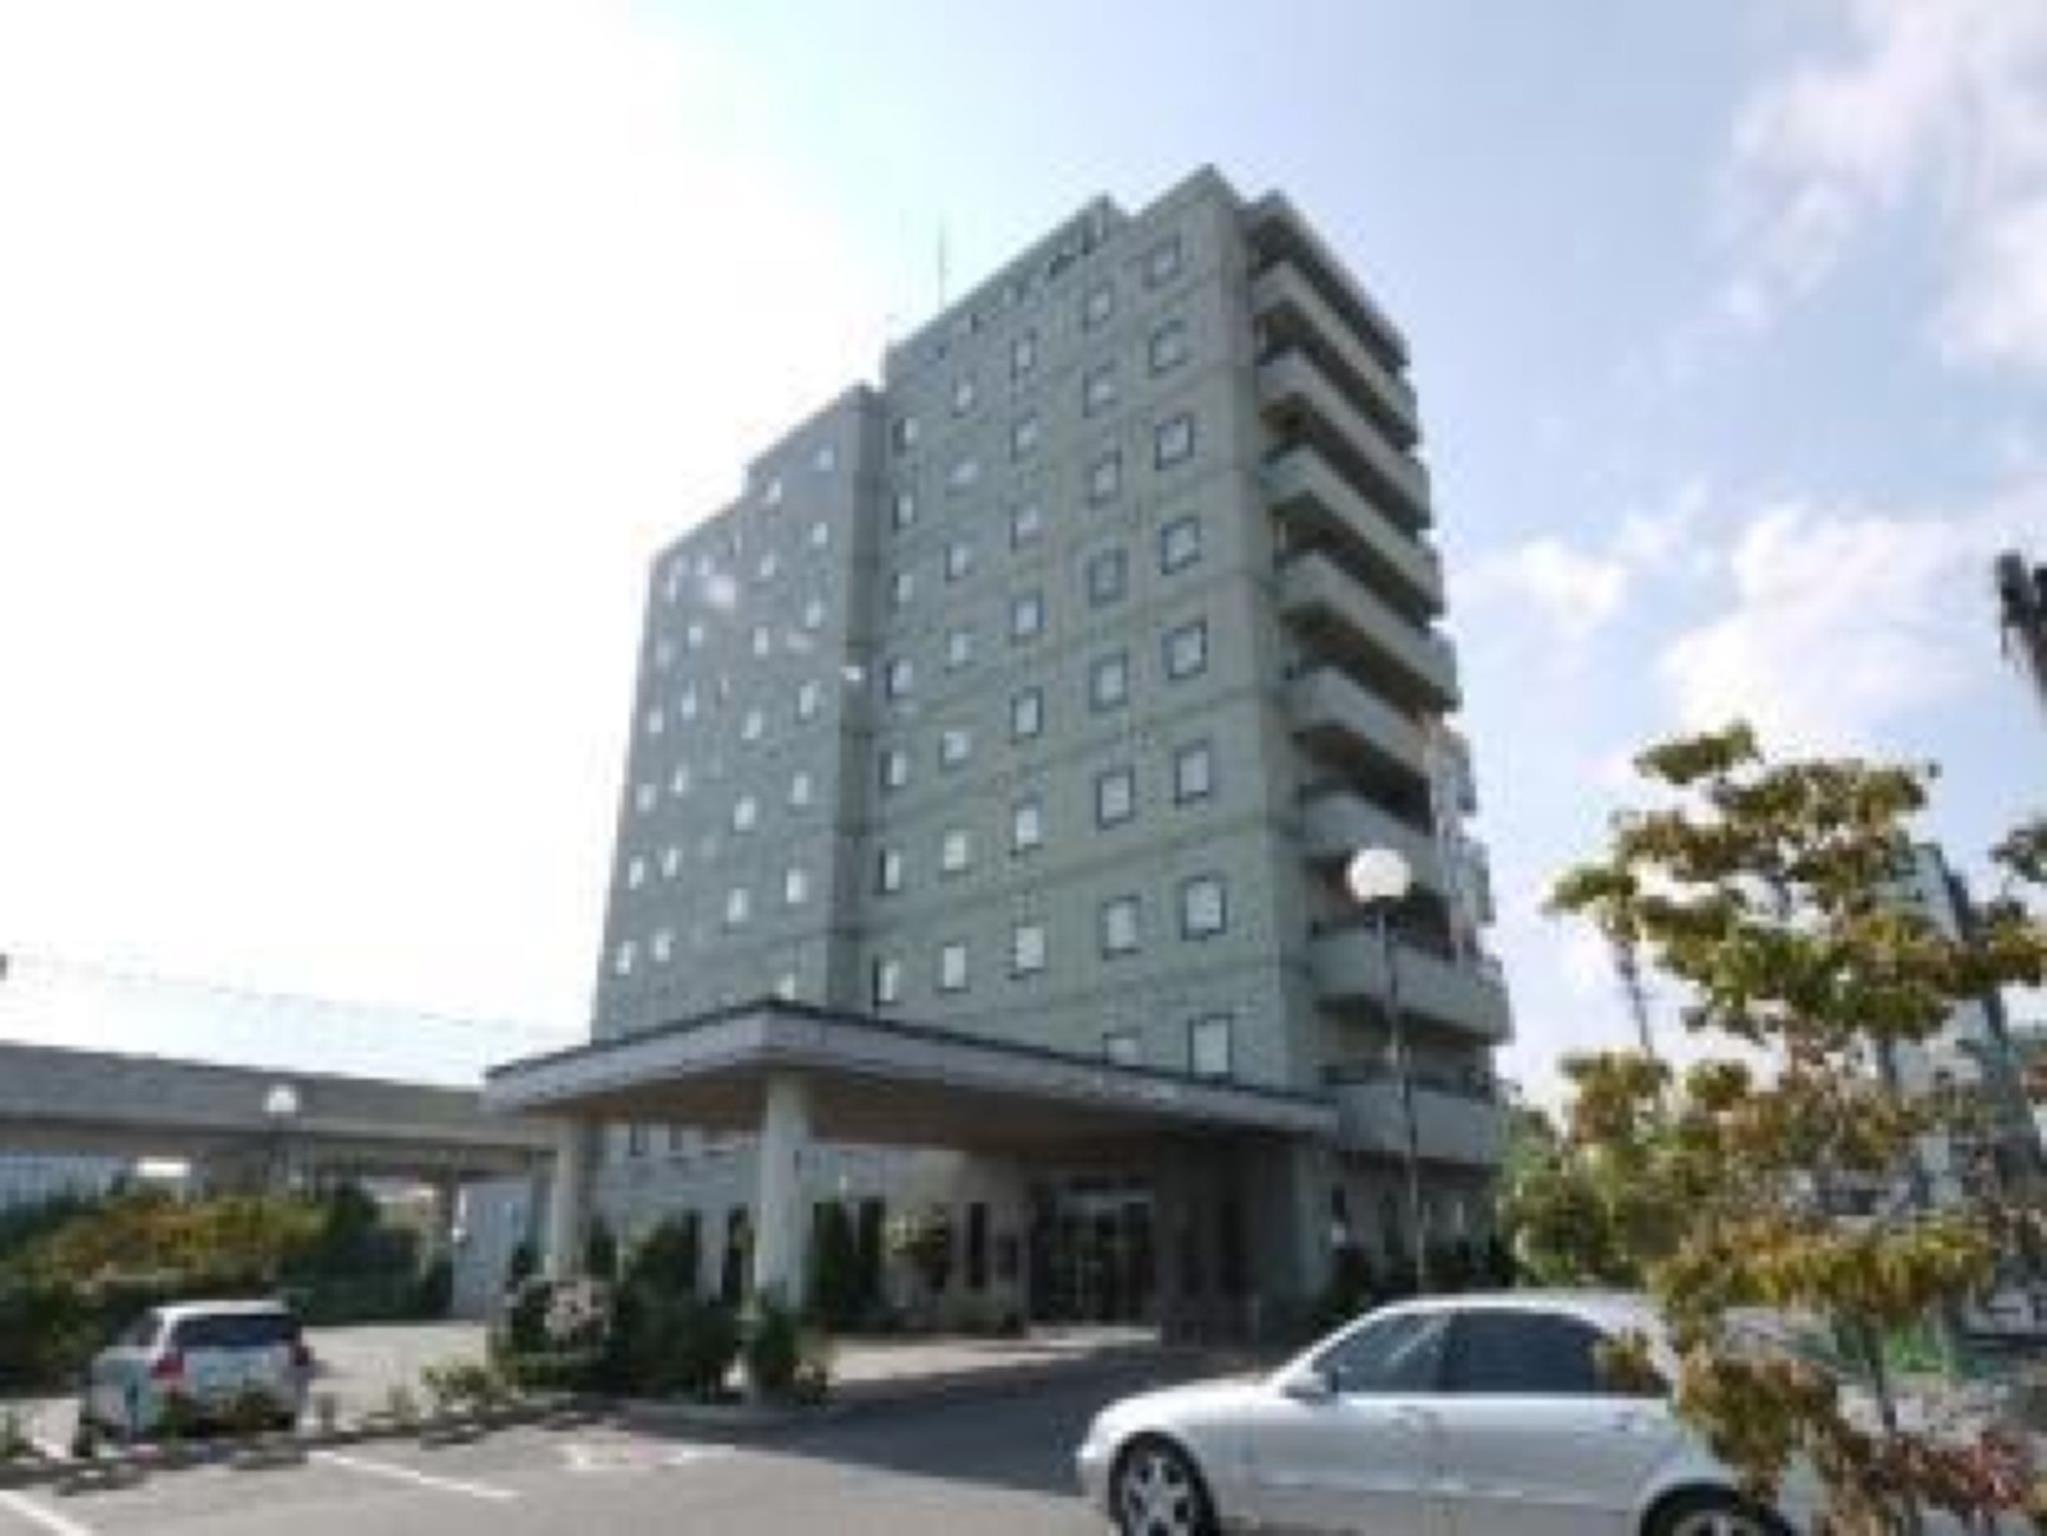 Hotel Route Inn Tokoname Ekimae 常滑站前路宾馆